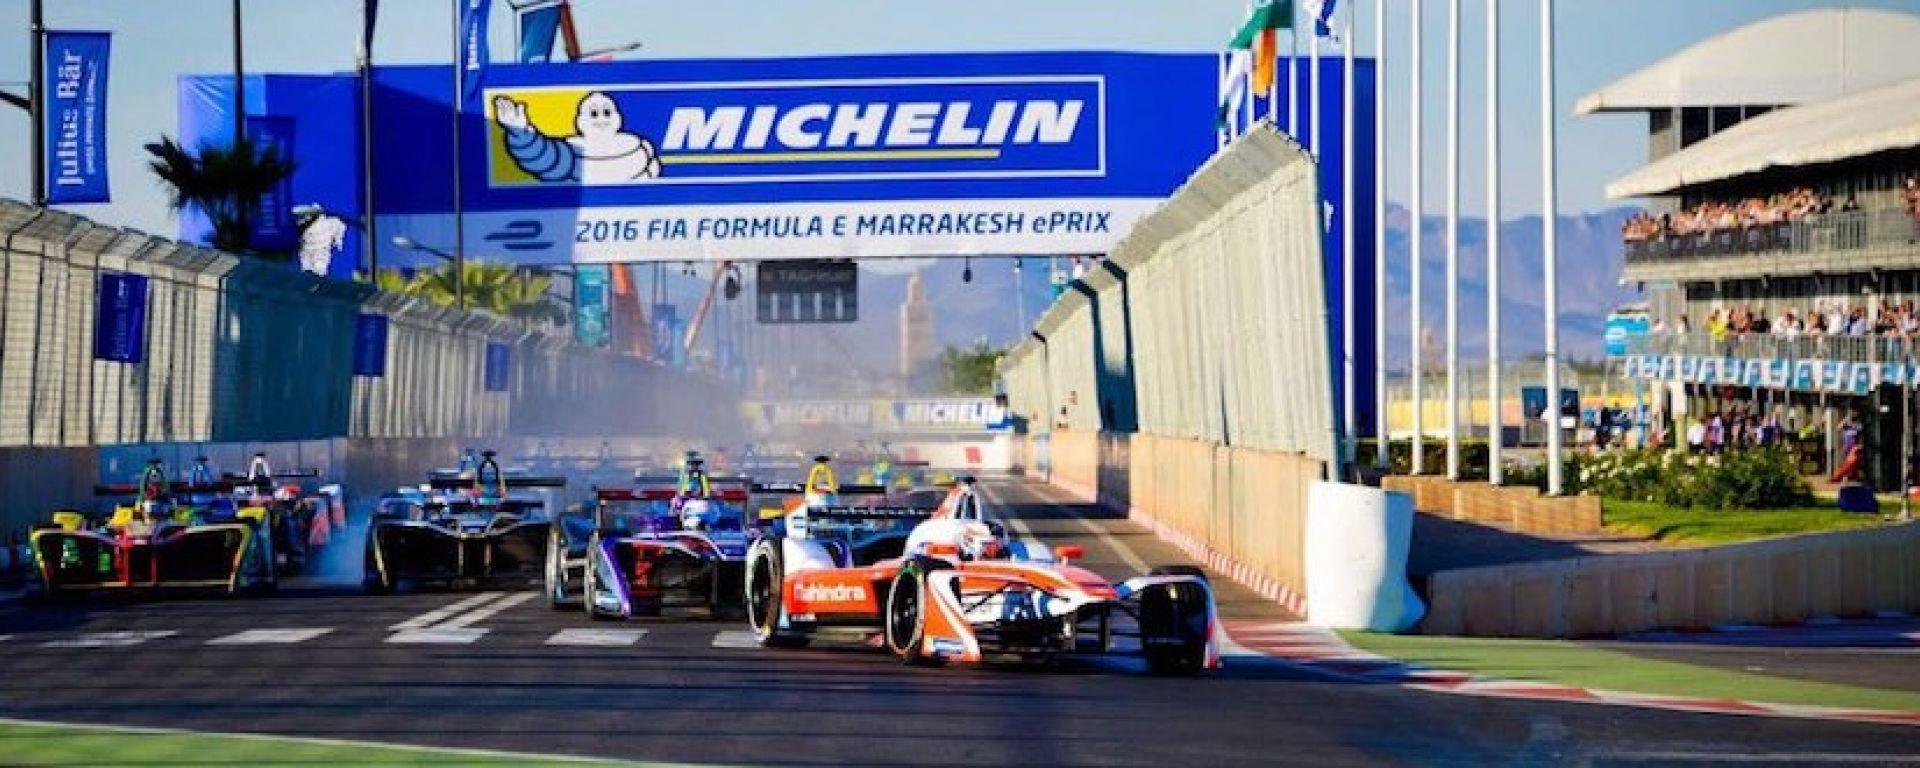 La partenza dello scorso ePrix di Marrakesh - FIA Formula  E